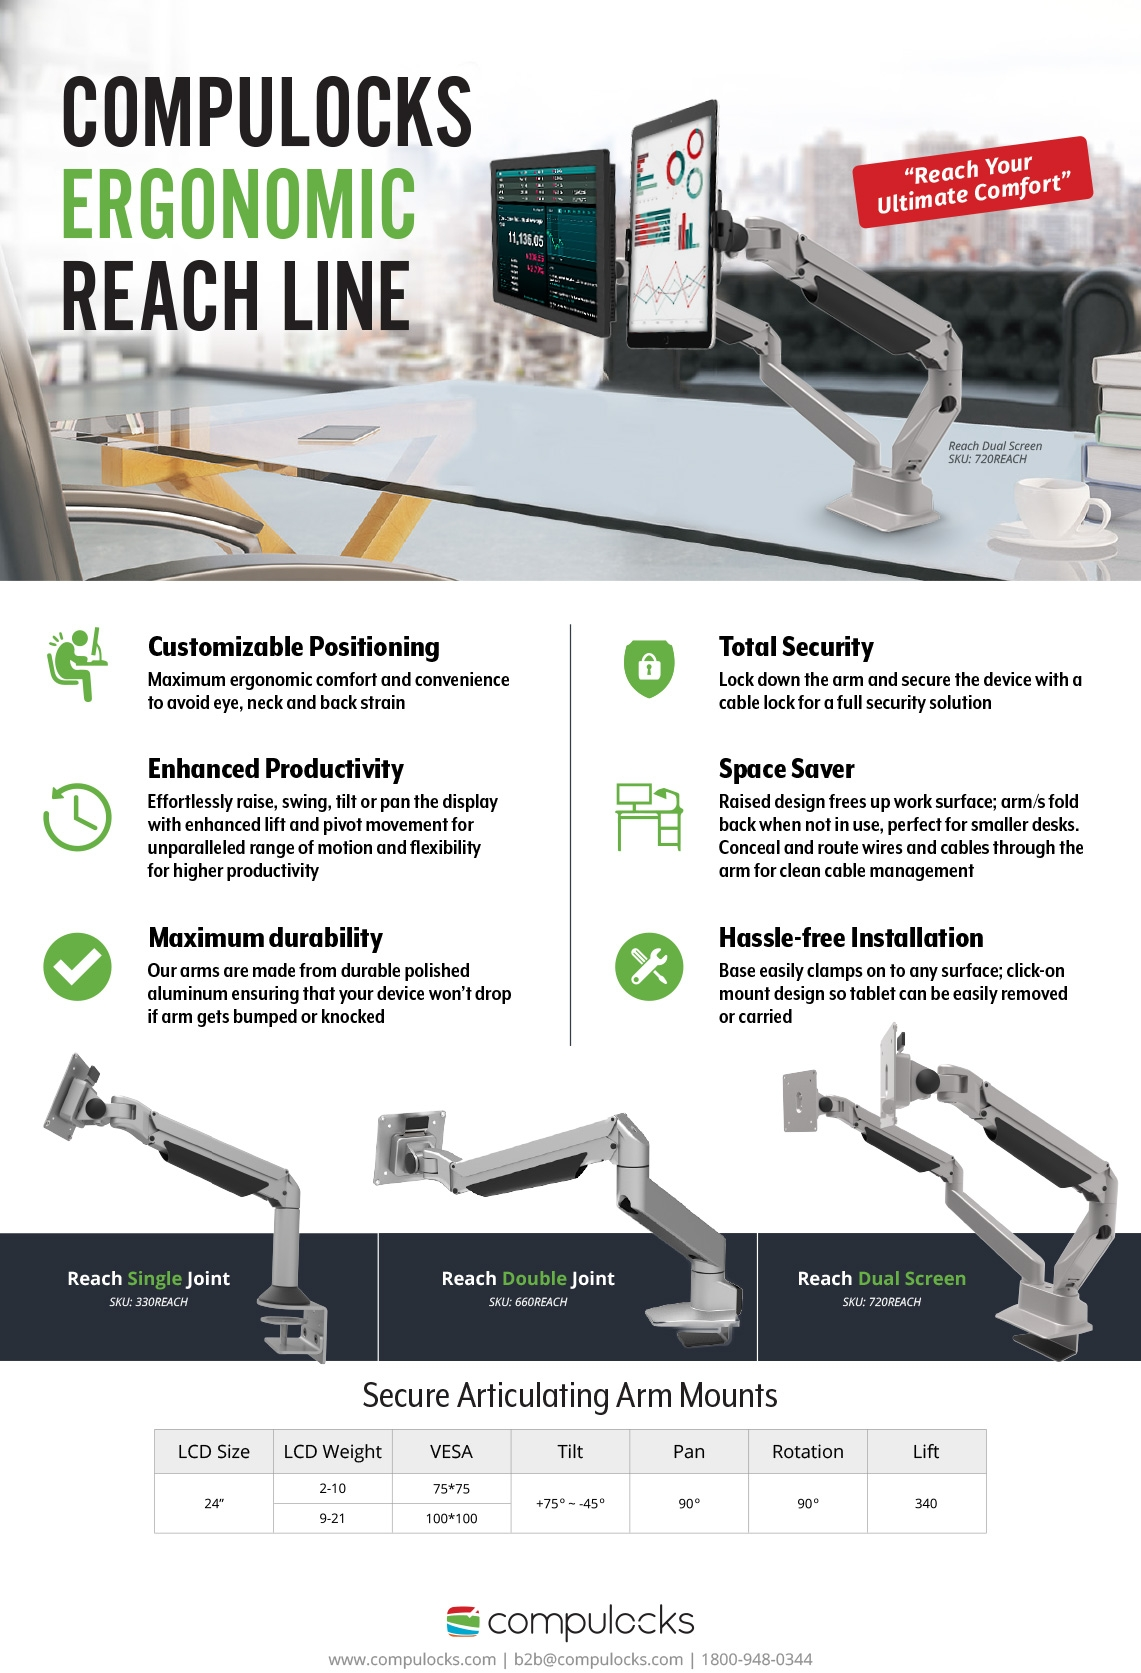 Samsung TouchScreen Reach Articulating Mount